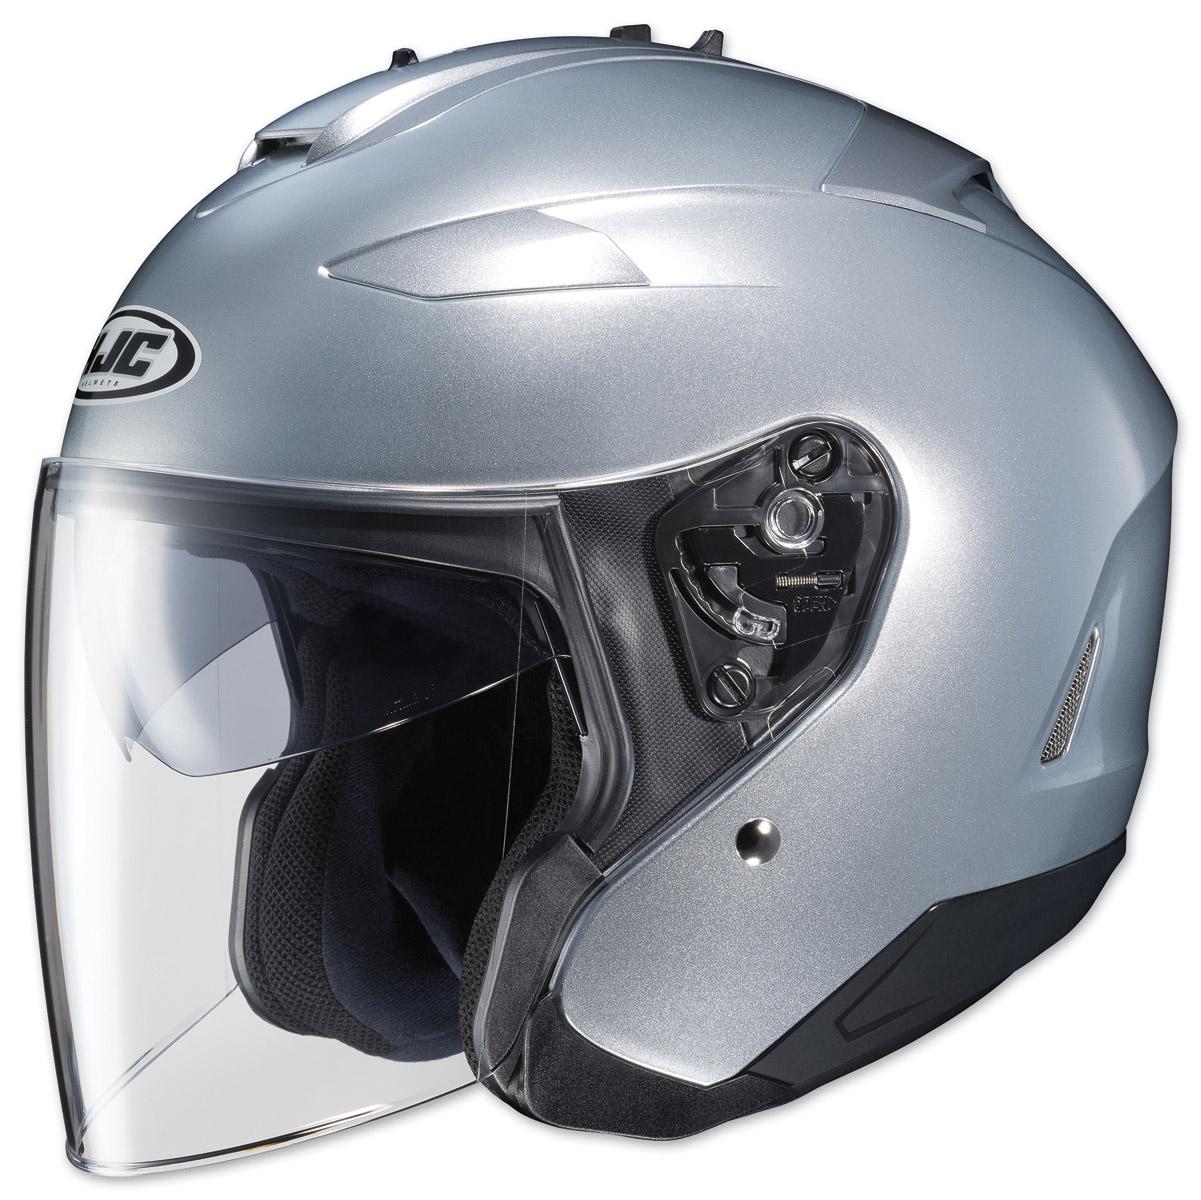 HJC IS-33 II Metallic Silver Open Face Helmet